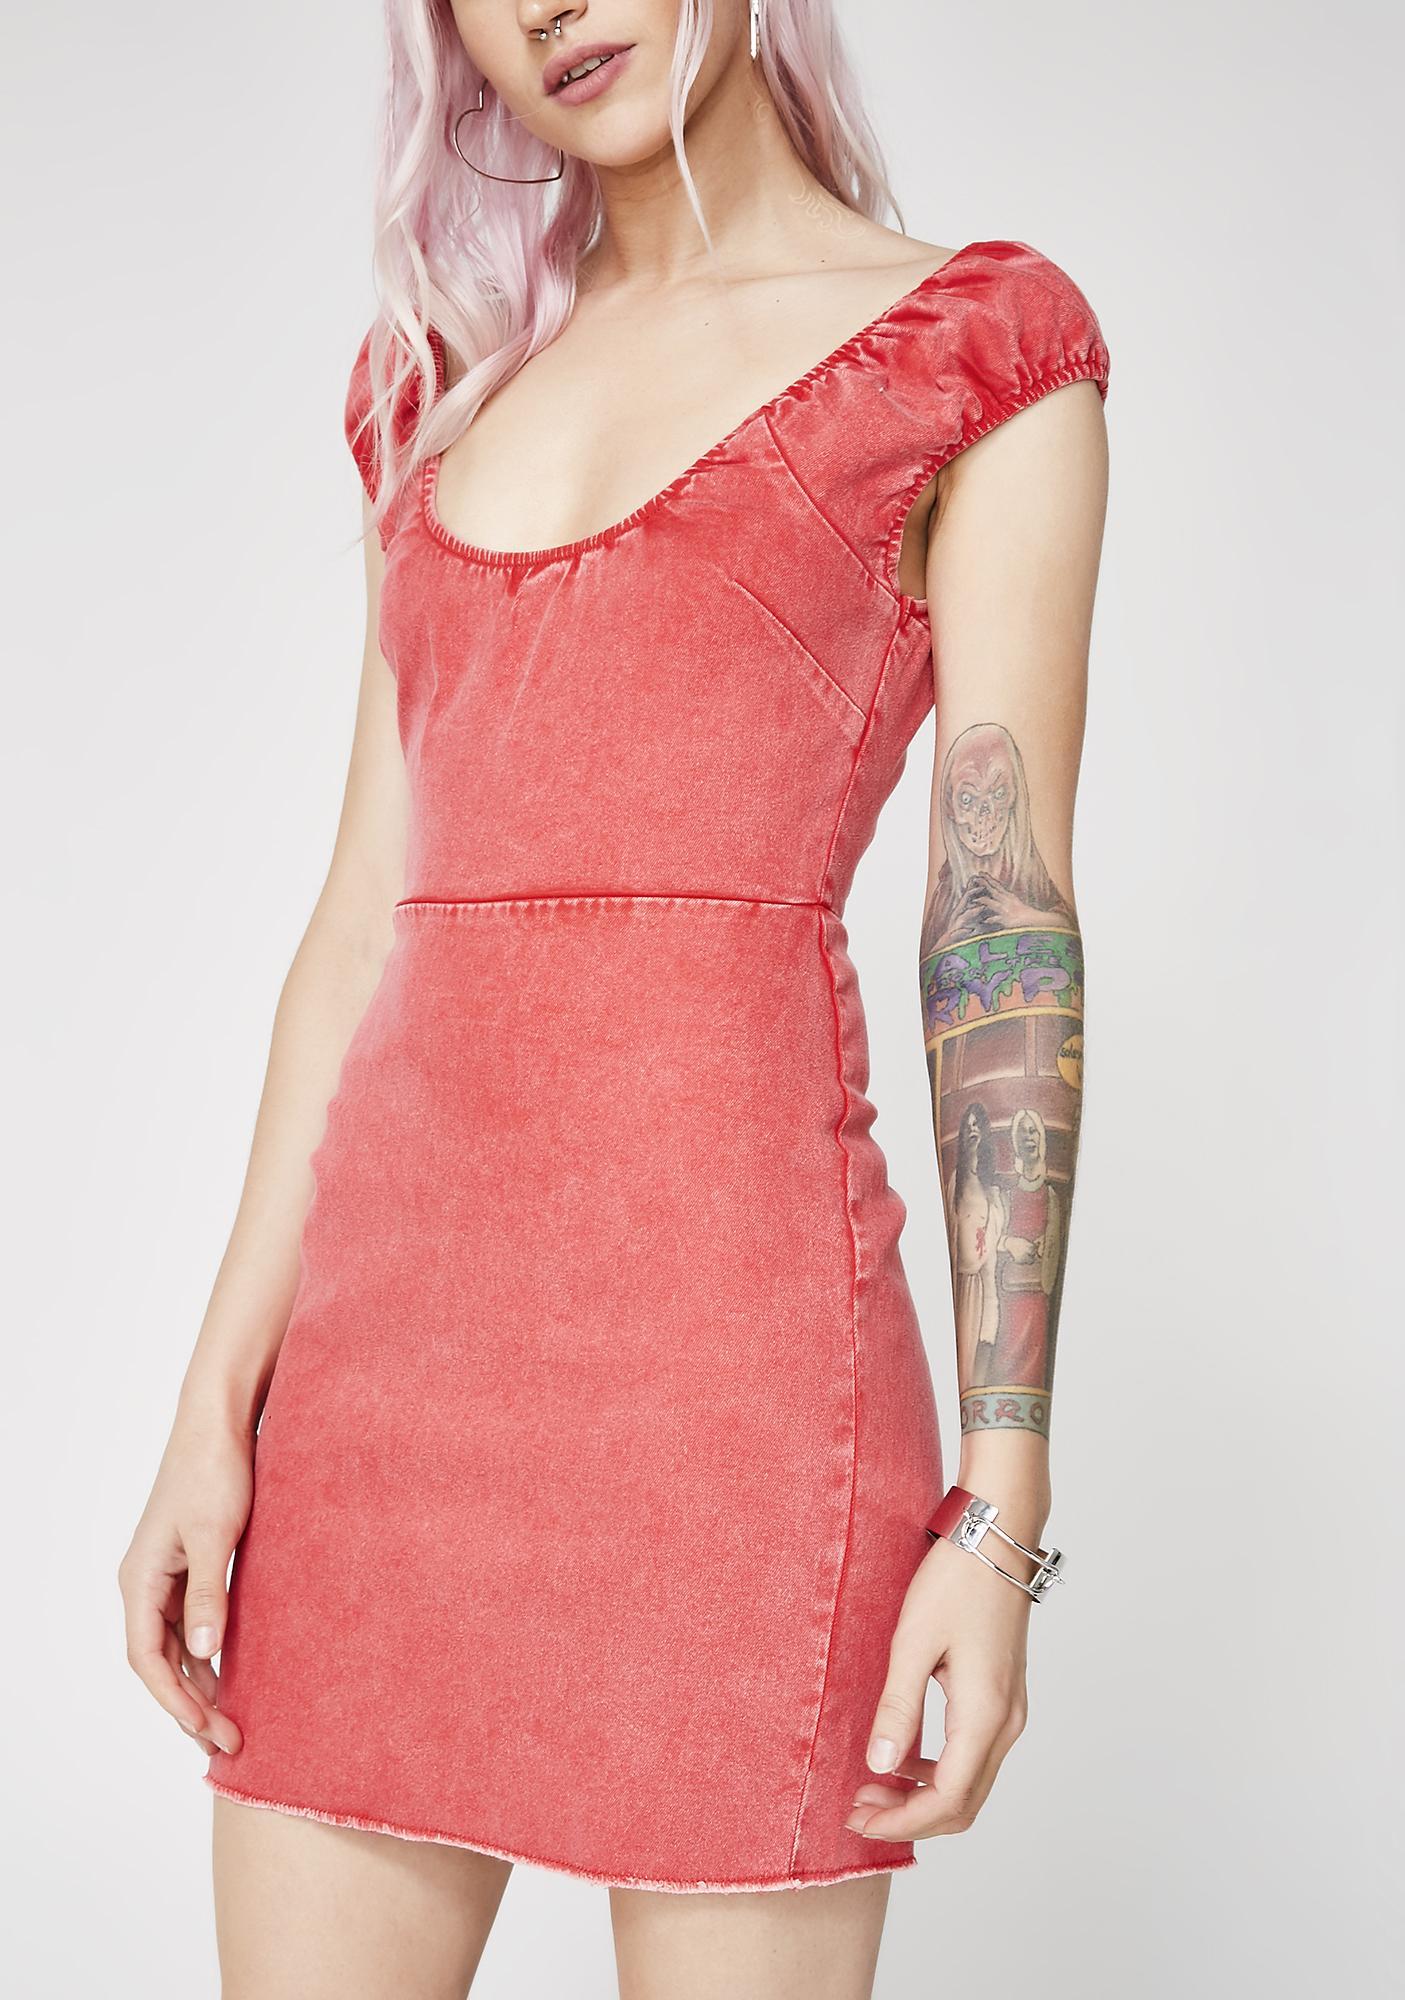 Keep A Secret Off-Shoulder Dress